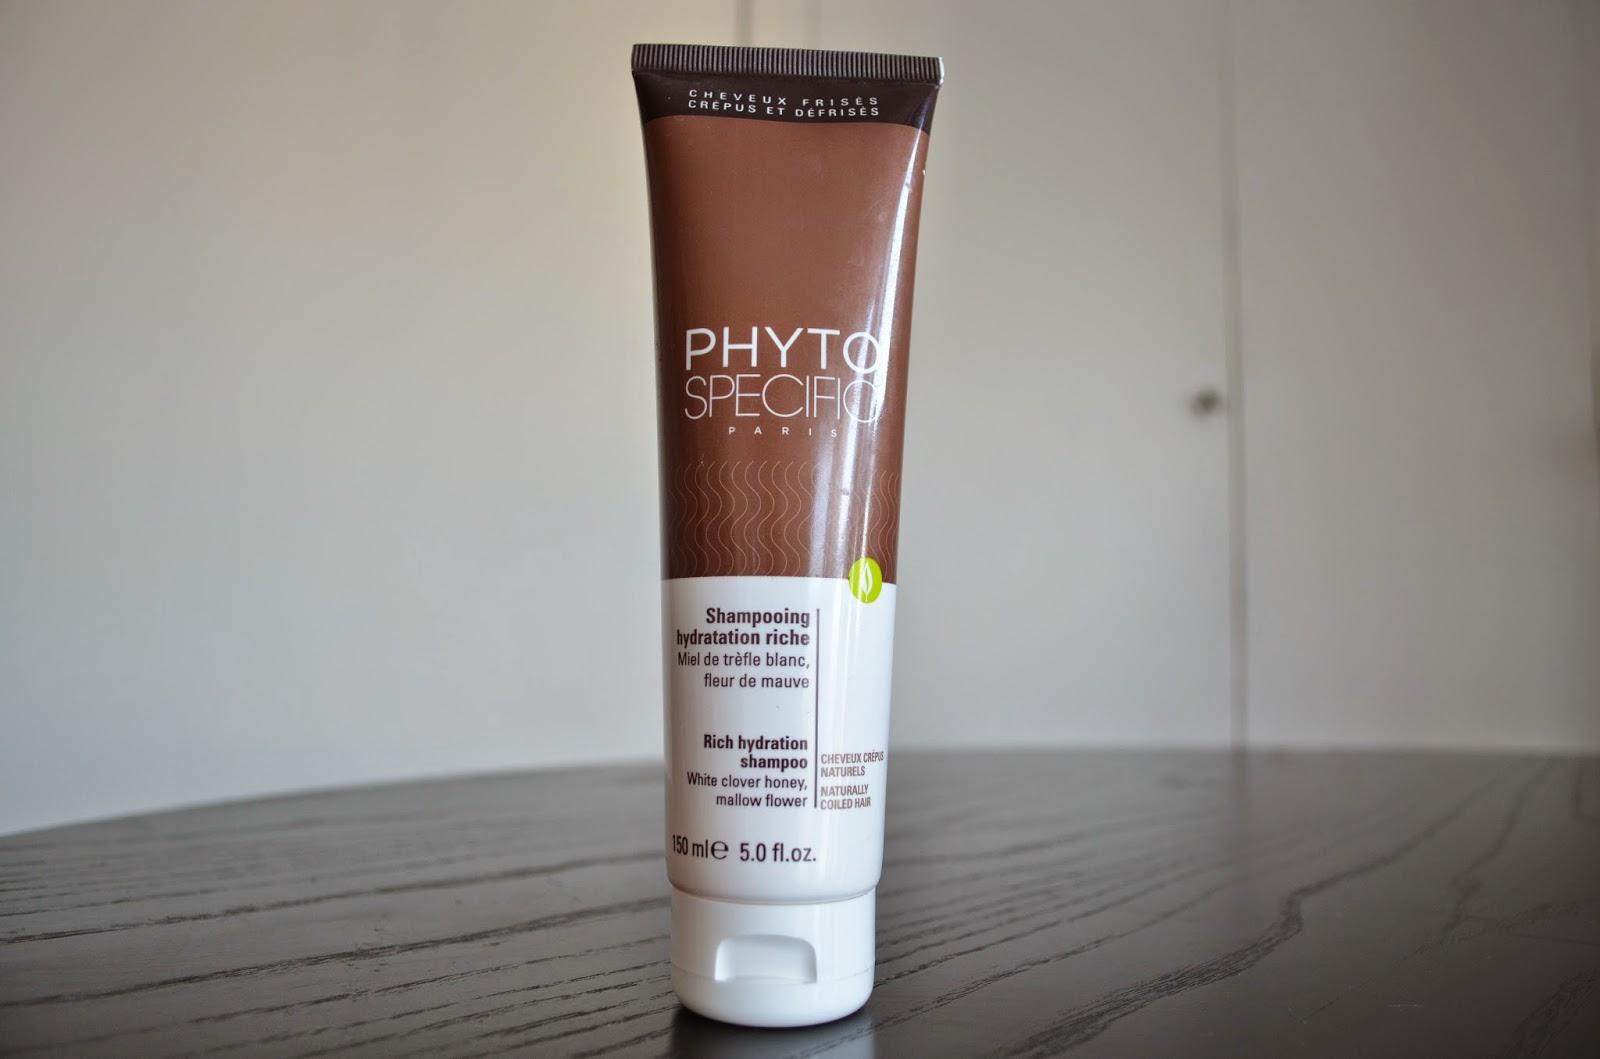 Phytospecific - Shampooing Hydratation Riche Miel de Trèfle Blanc et Fleur de Mauve